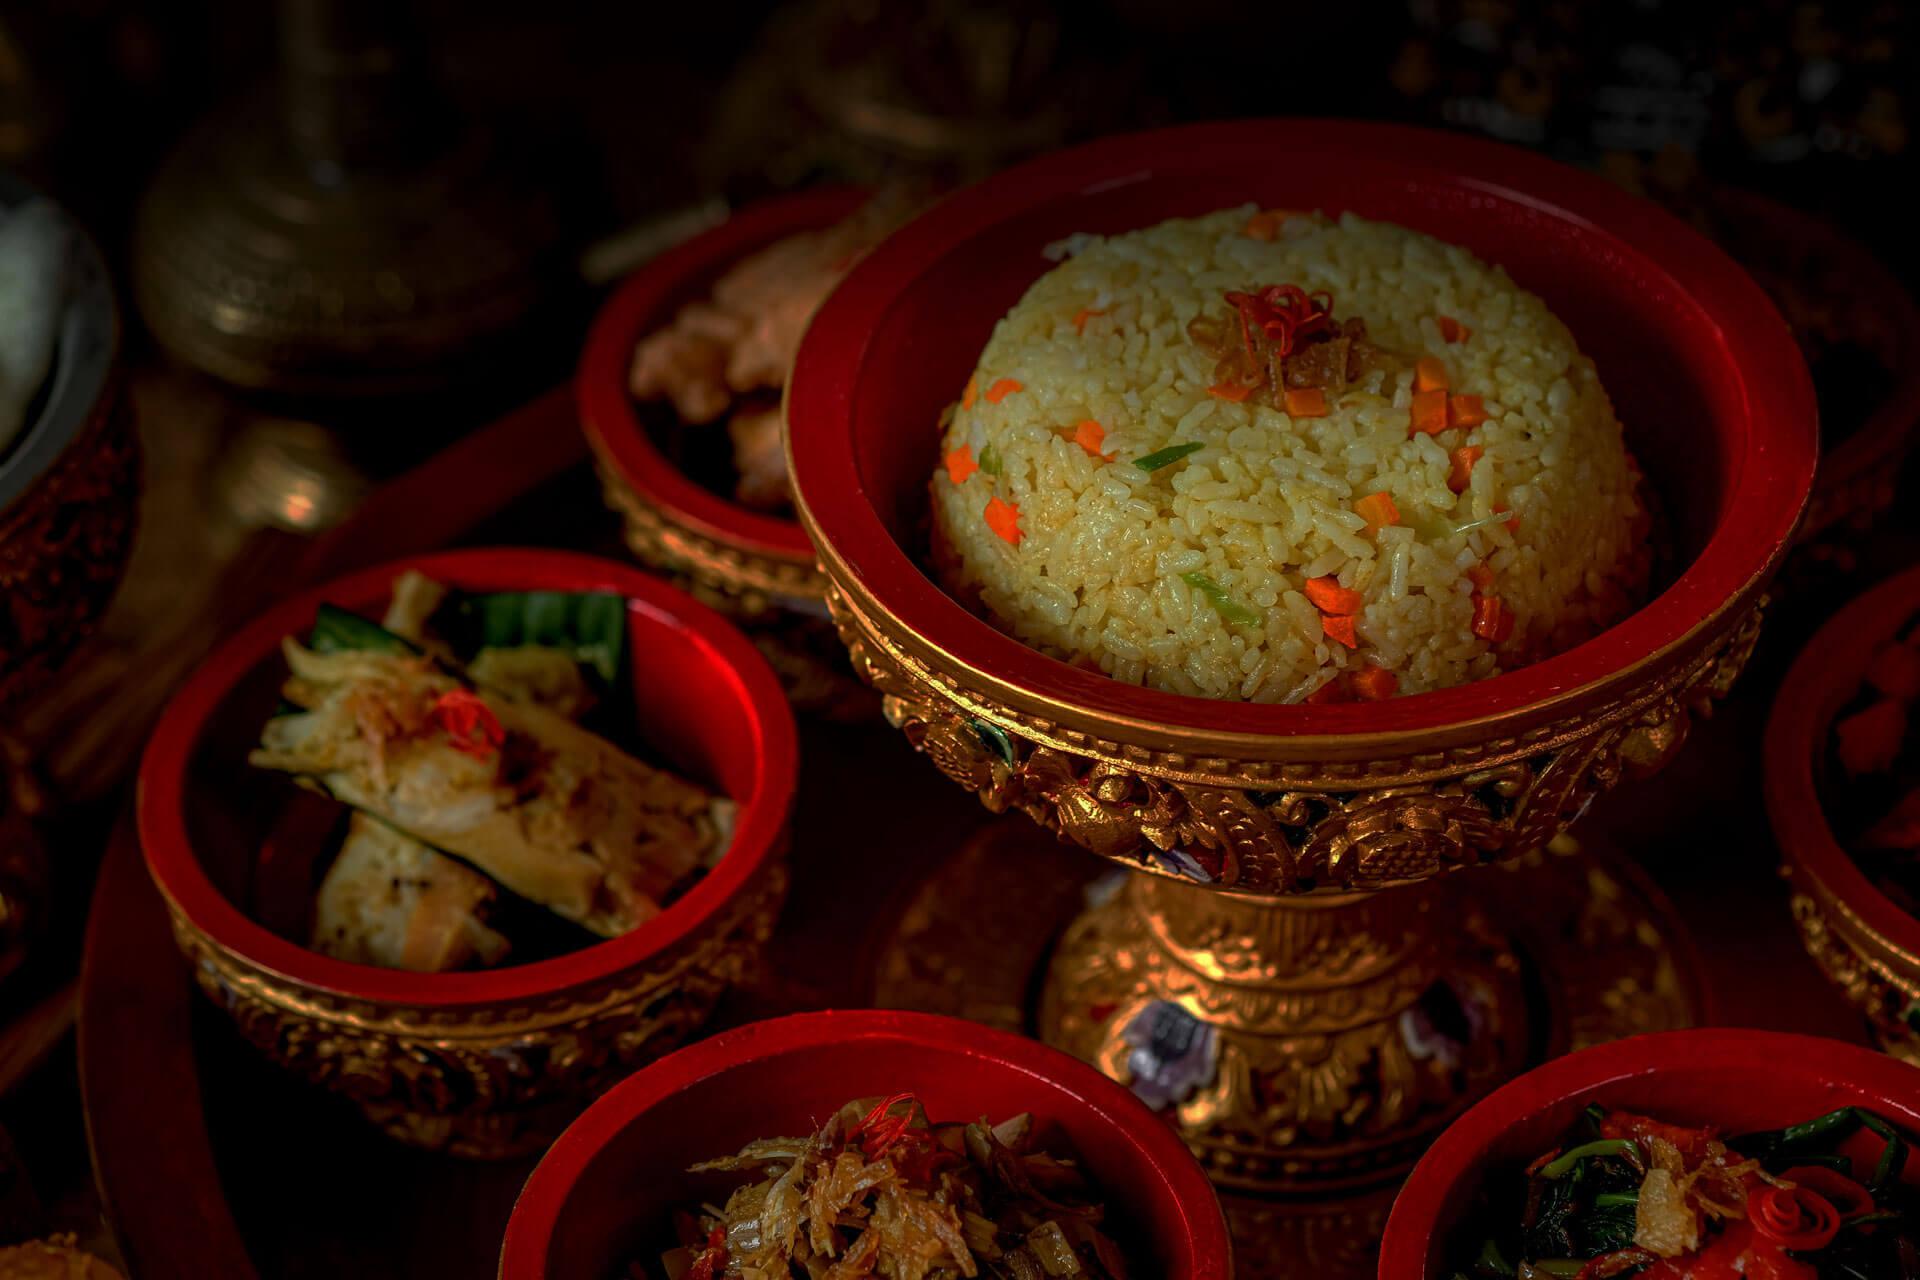 Dapur Raja - Balinese Rijsttafel Restaurant in Ubud Bali